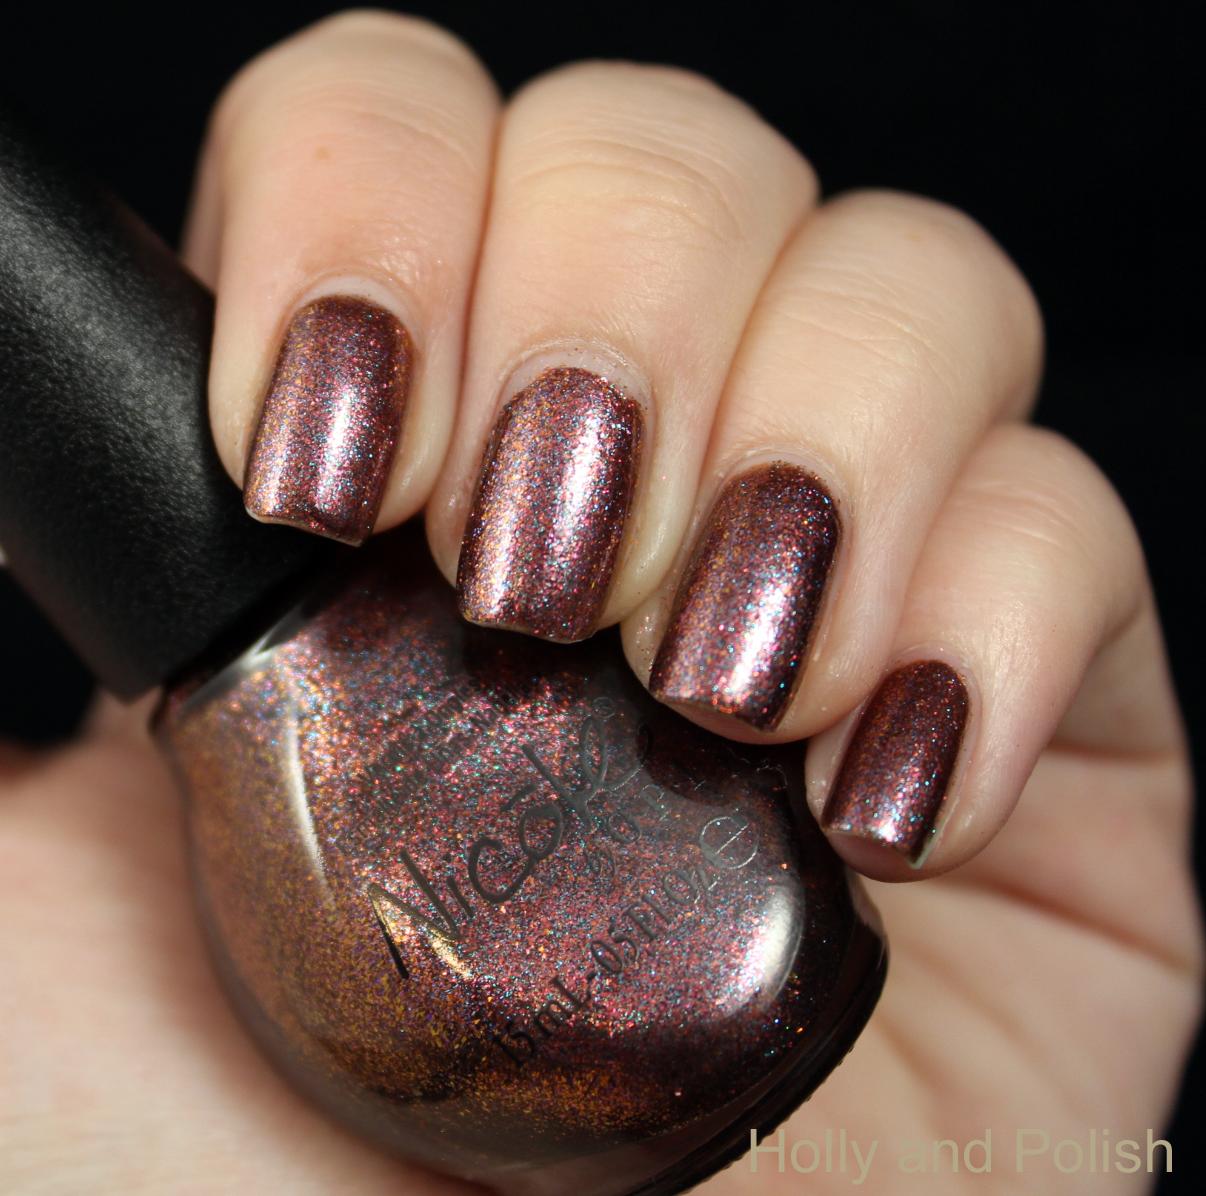 Opi Nail Polish Mauve Color: Holly And Polish: A Nail Polish And Beauty Blog: Nicole By